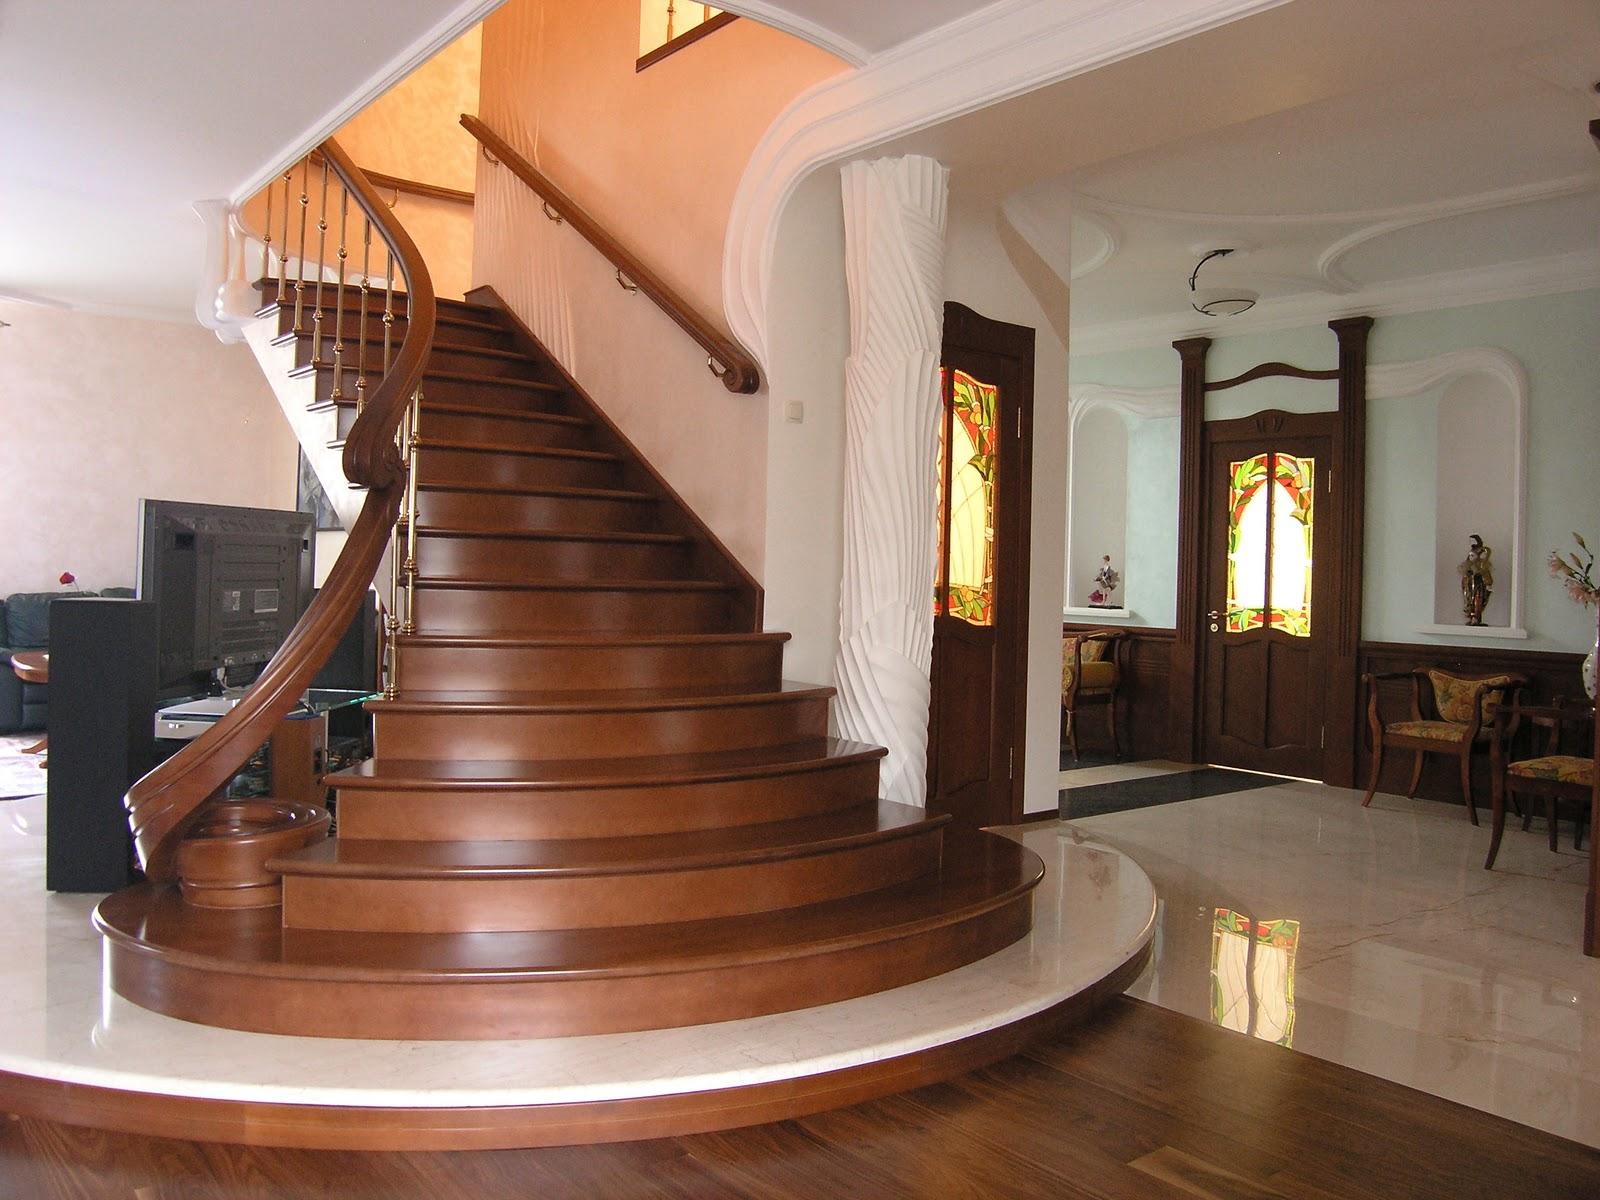 красивые лестницы для загородного дома фото продукты будут холодными